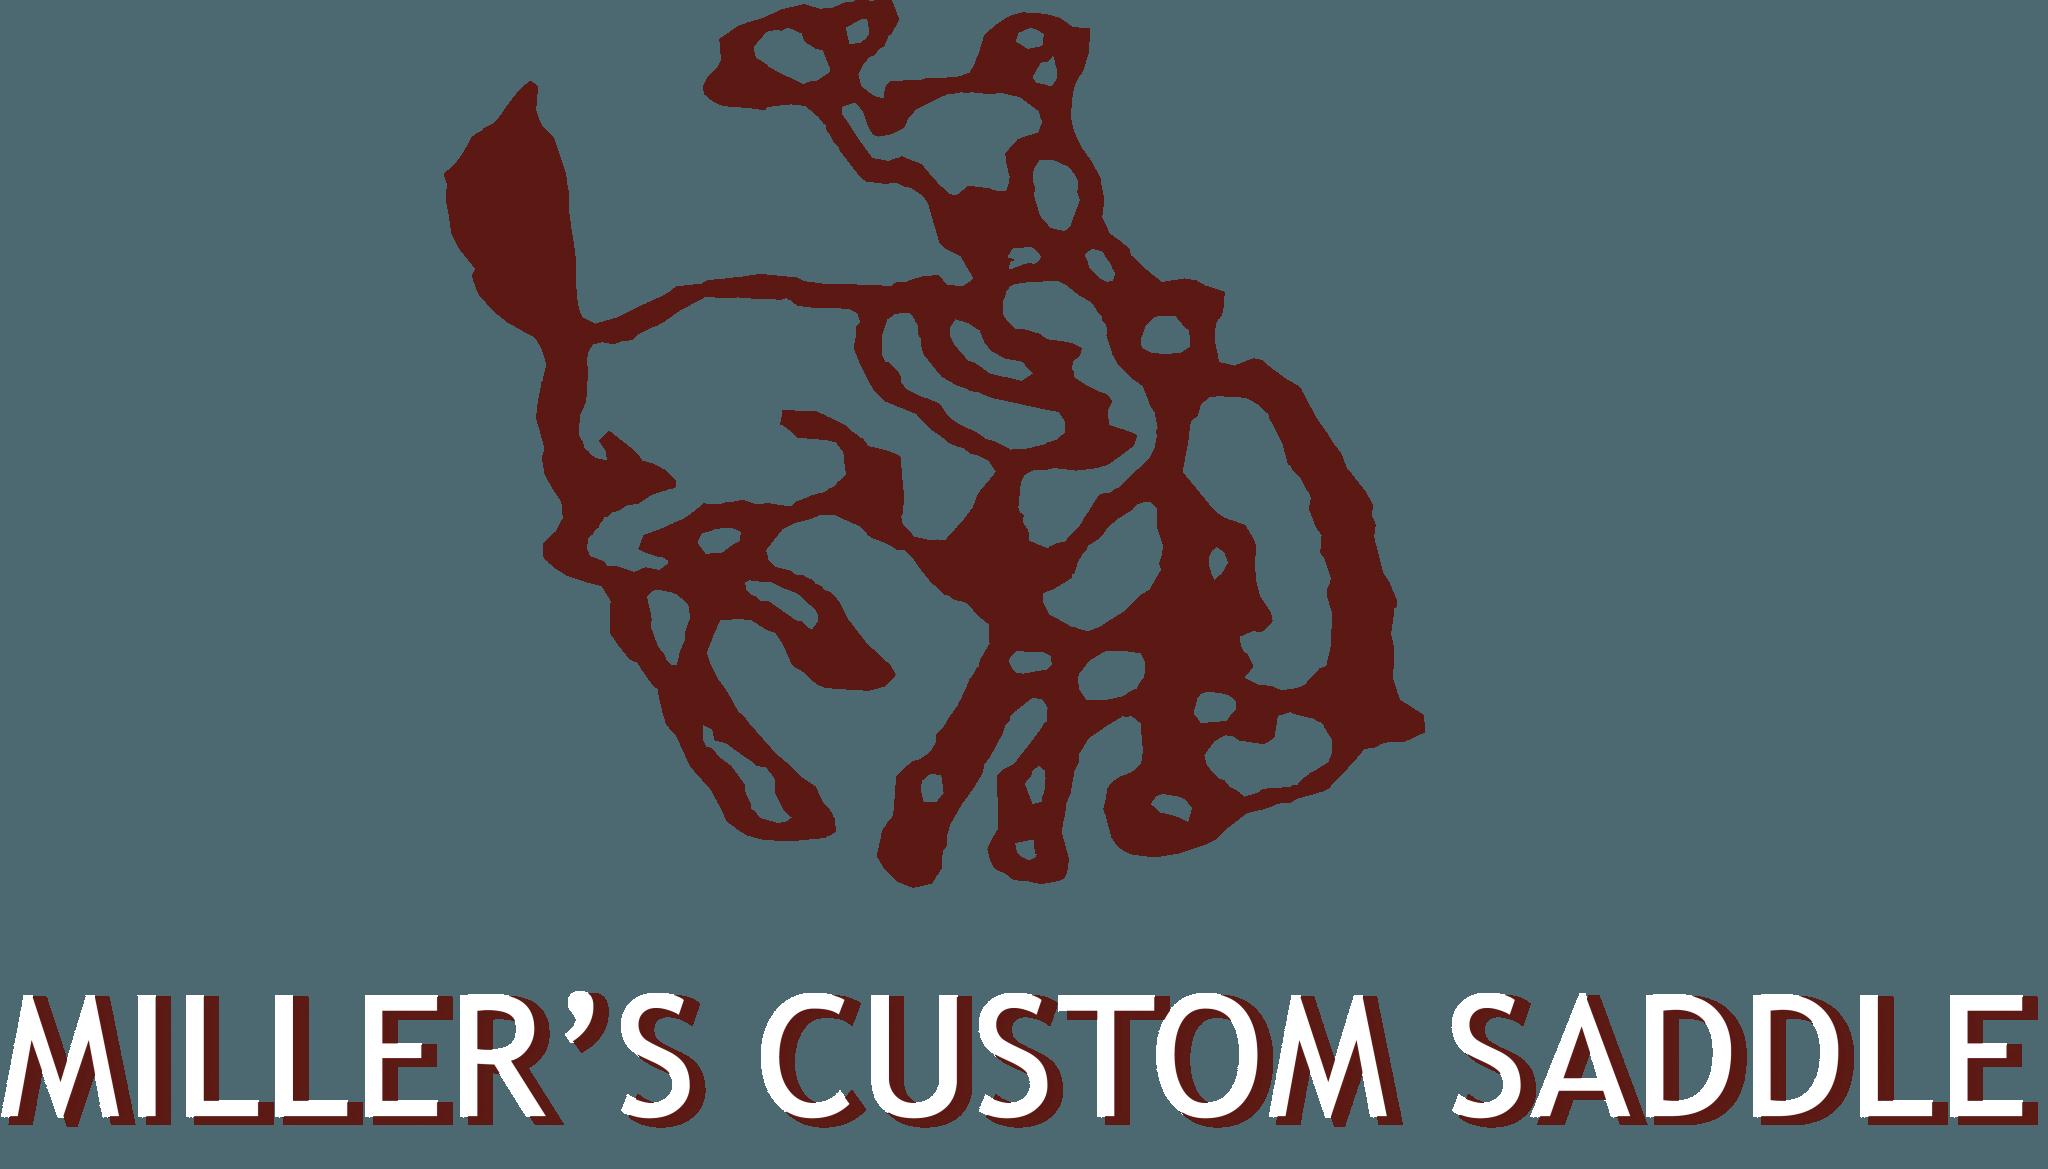 Miller Custom Saddle | 3007 Barnett's Creek Road, Columbia, KY 42728